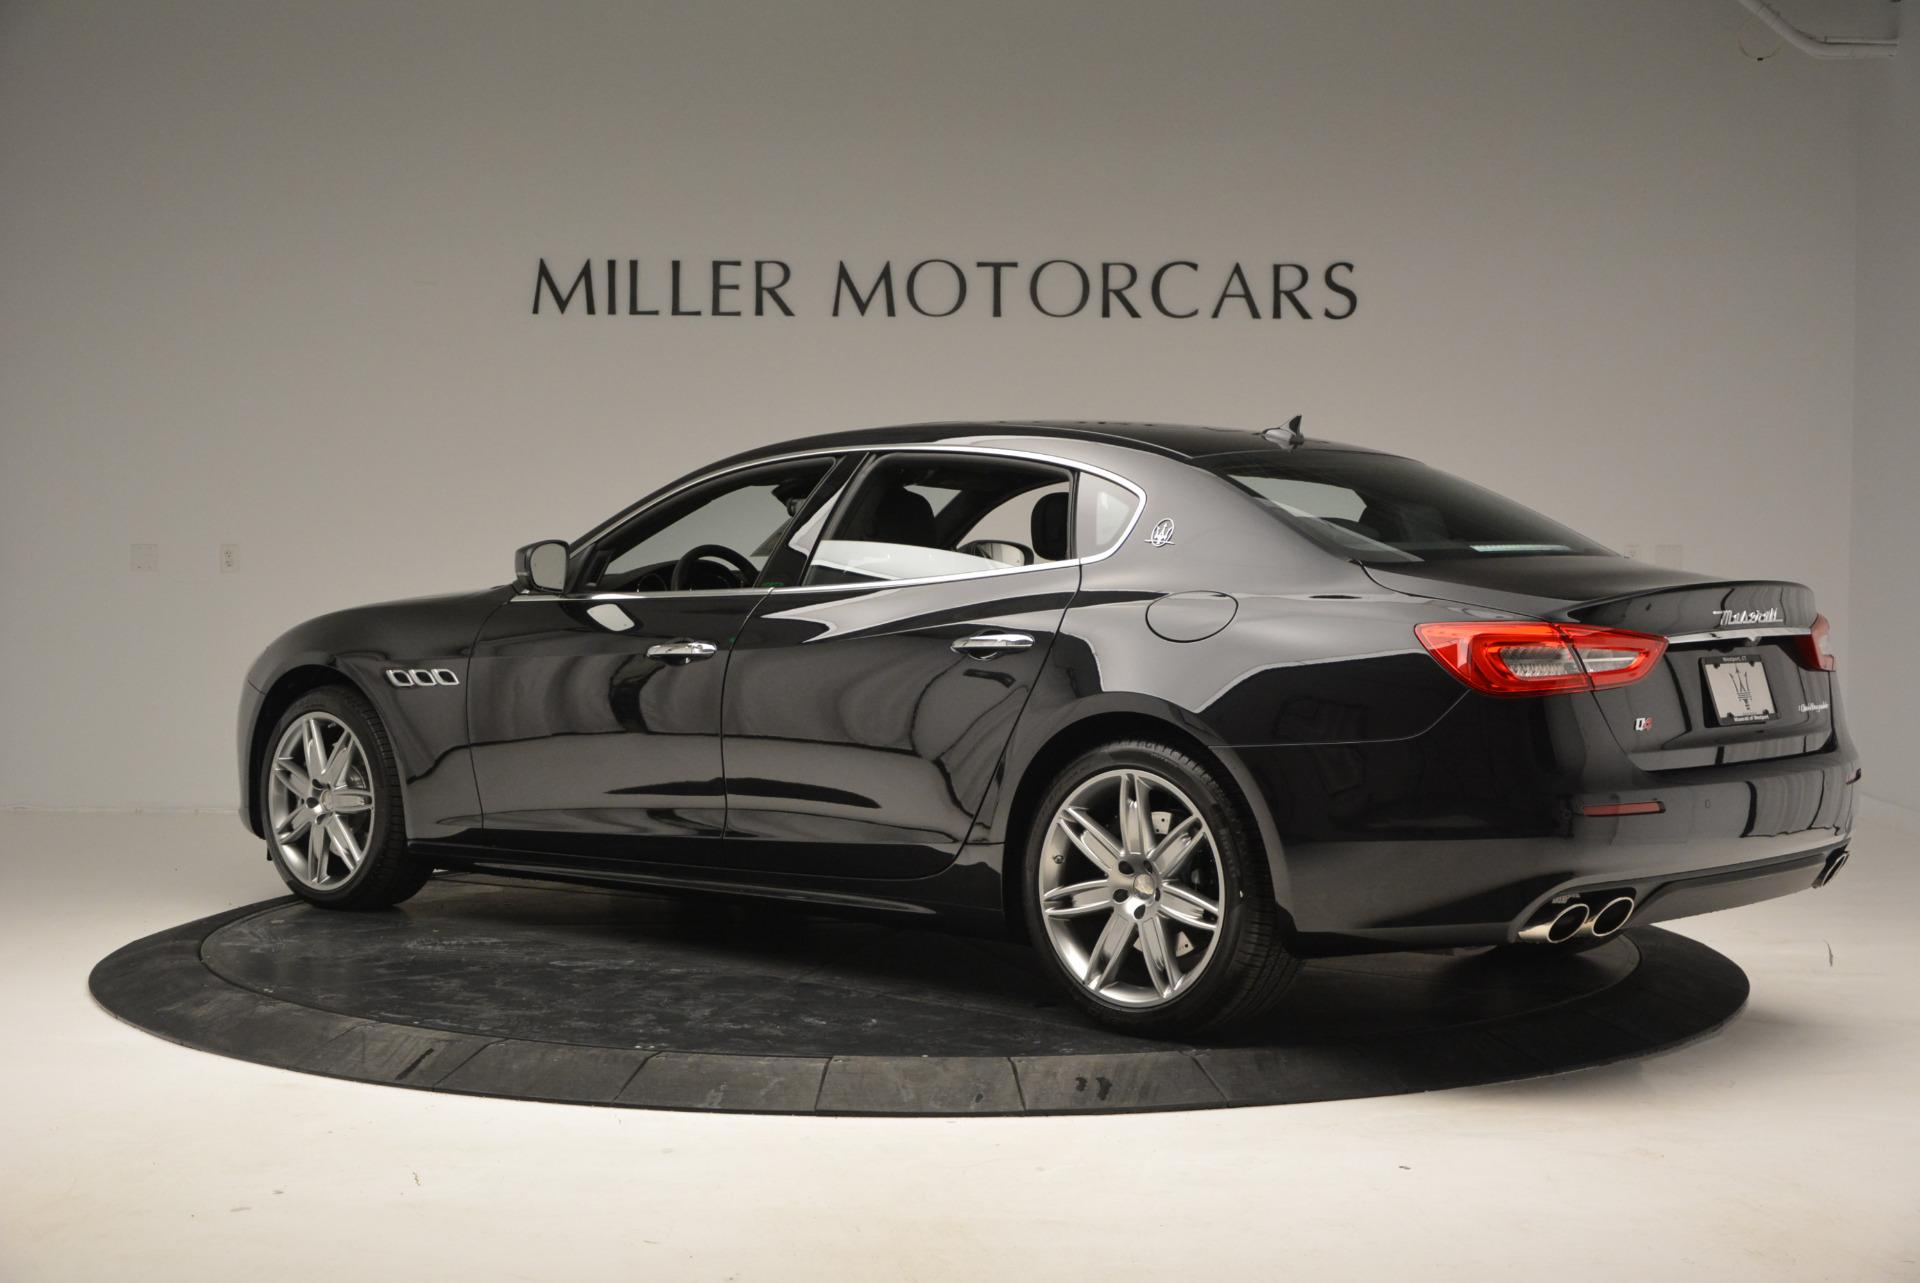 New 2017 Maserati Quattroporte S Q4 GranLusso For Sale In Westport, CT 793_p4